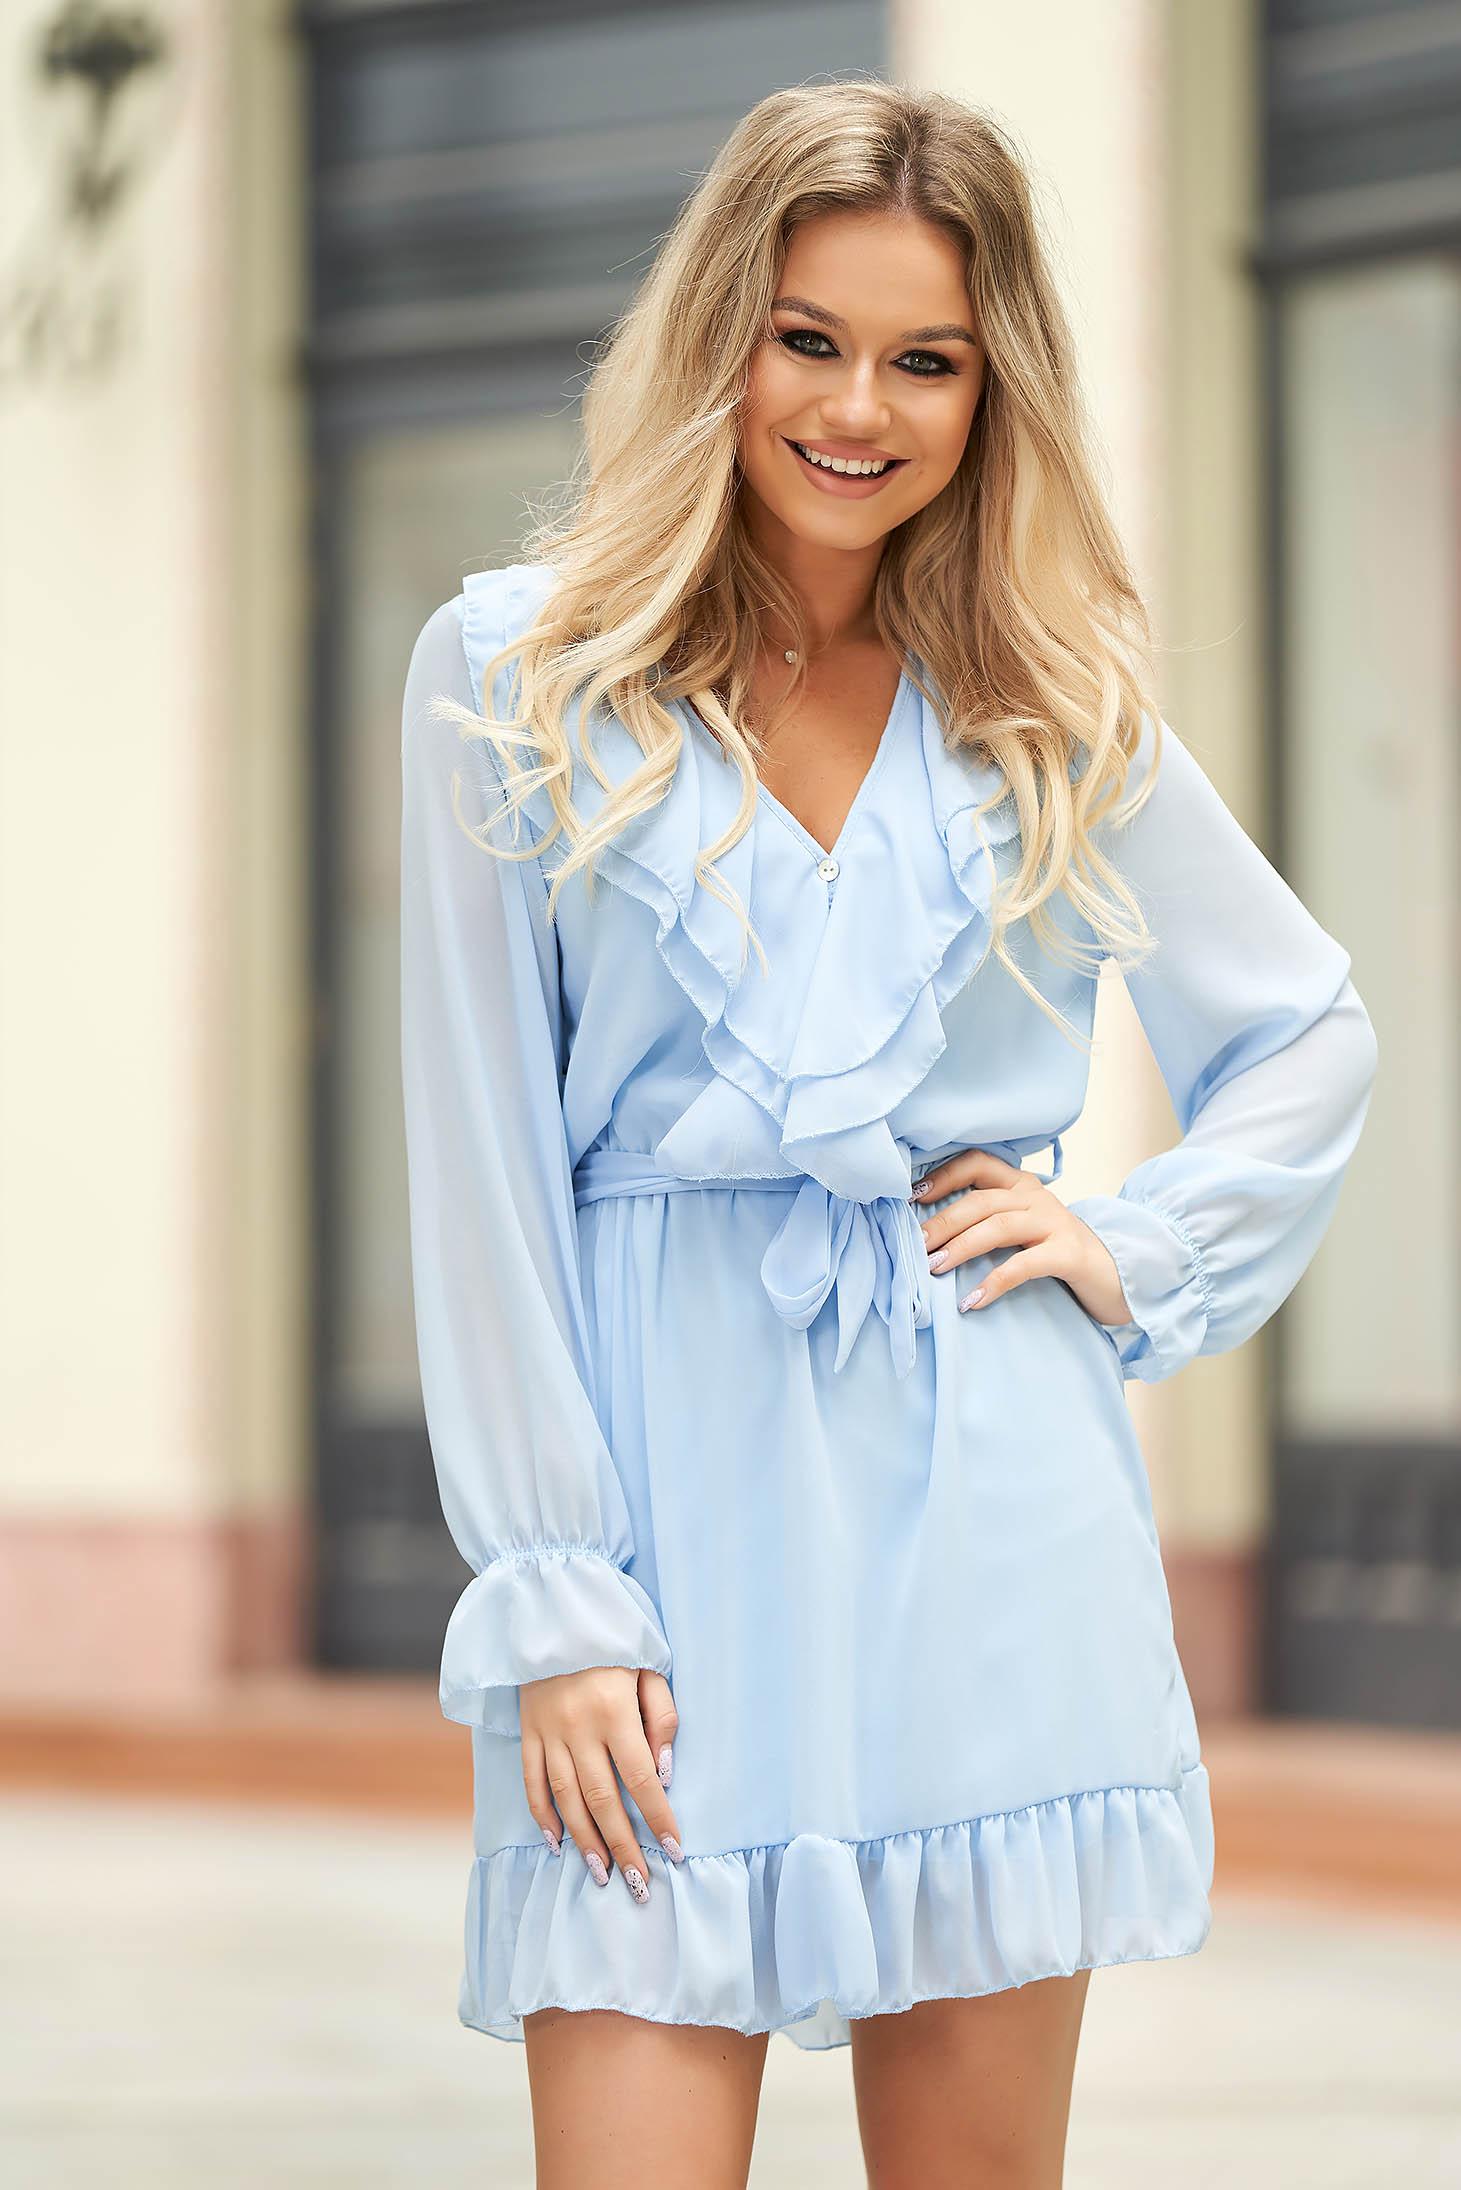 Rochie albastru-deschis eleganta scurta din voal in clos cu volanase